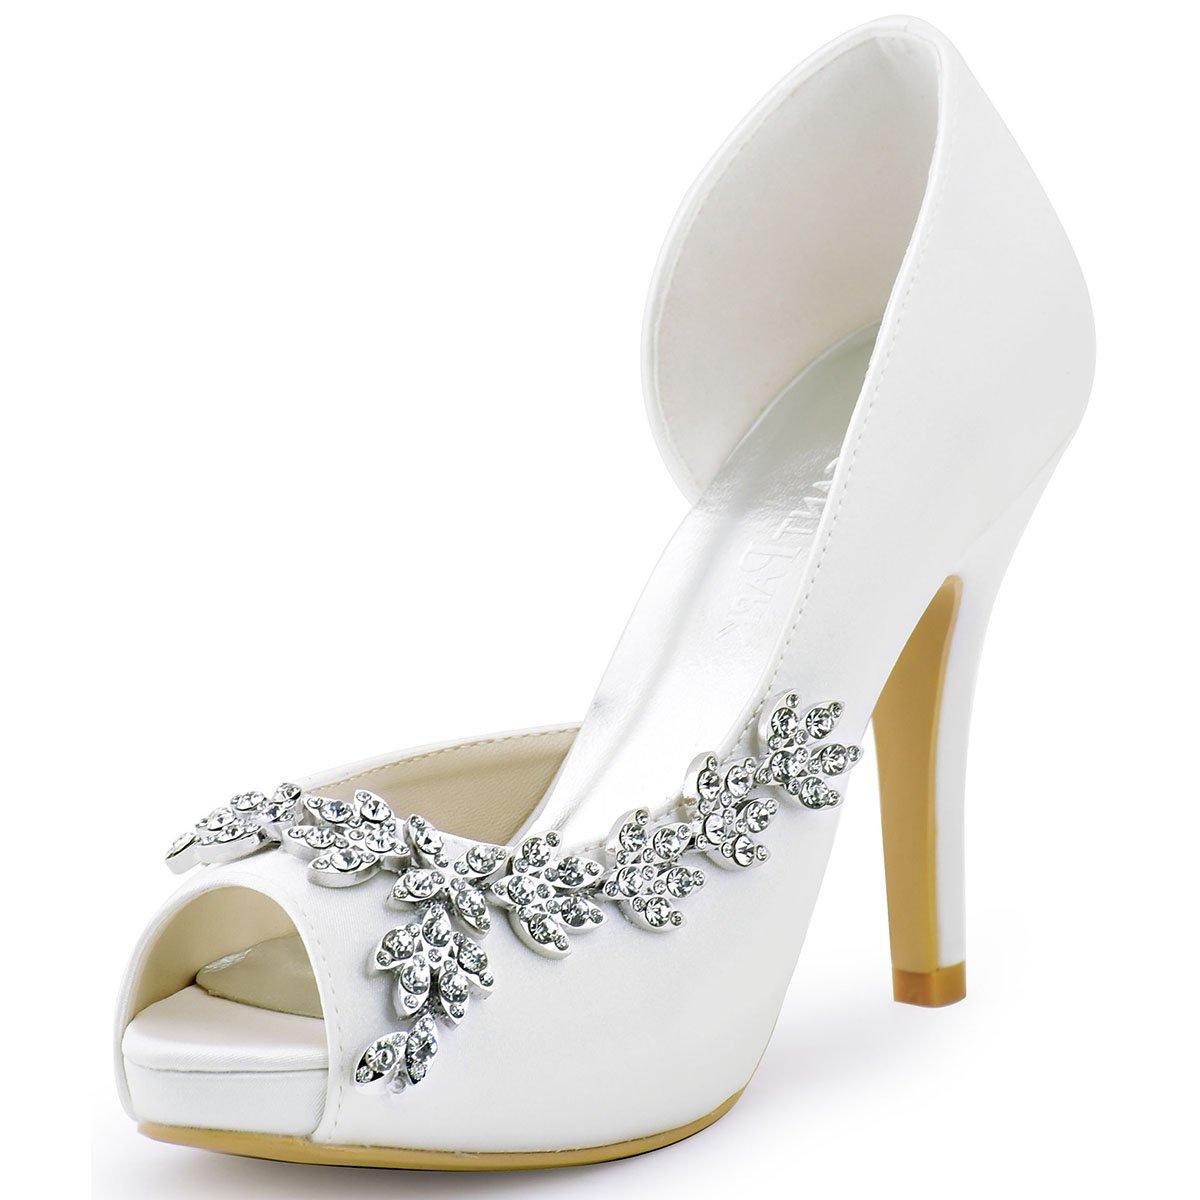 En Valorados Nuestros De amp; Zapatos Útiles Opiniones Mejor Tacón d5vxd6